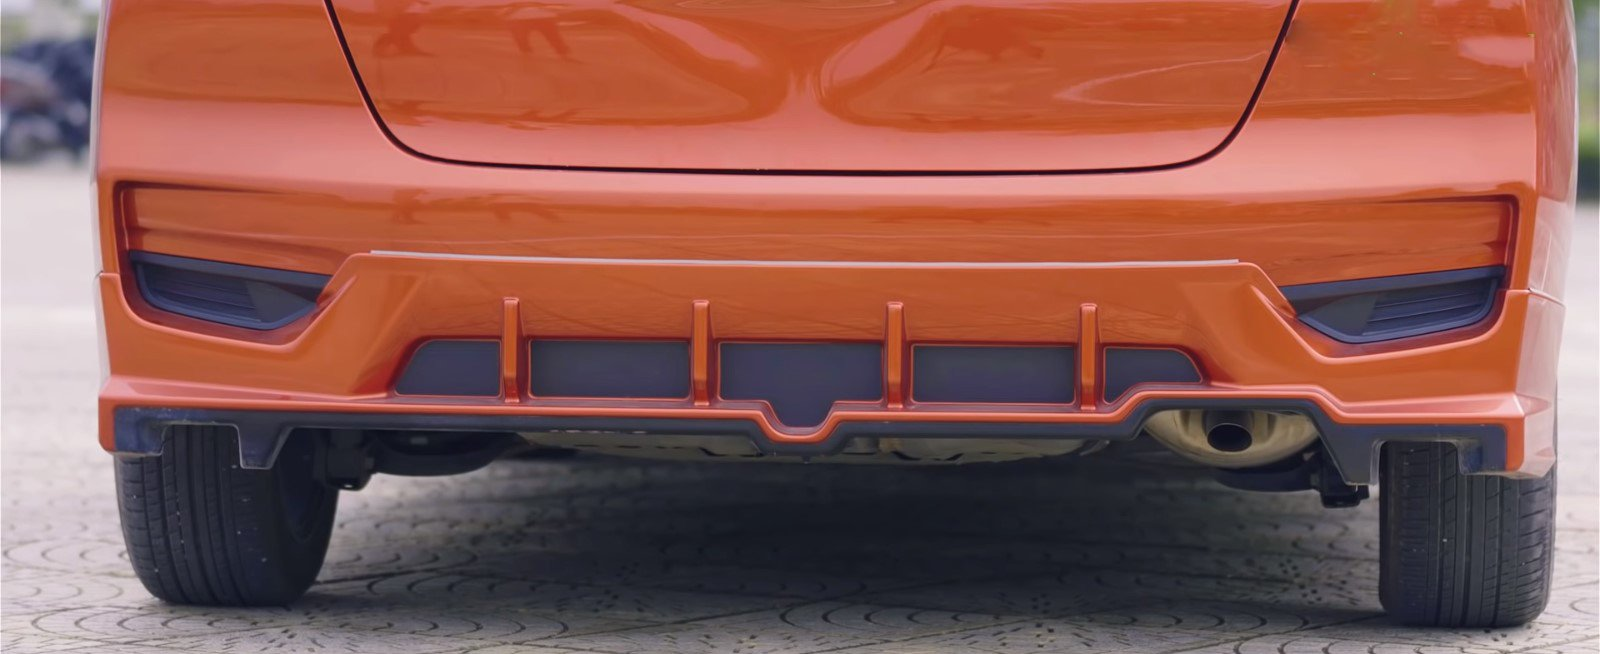 Ảnh chụp cản sau xe Honda Jazz 2018 màu cam